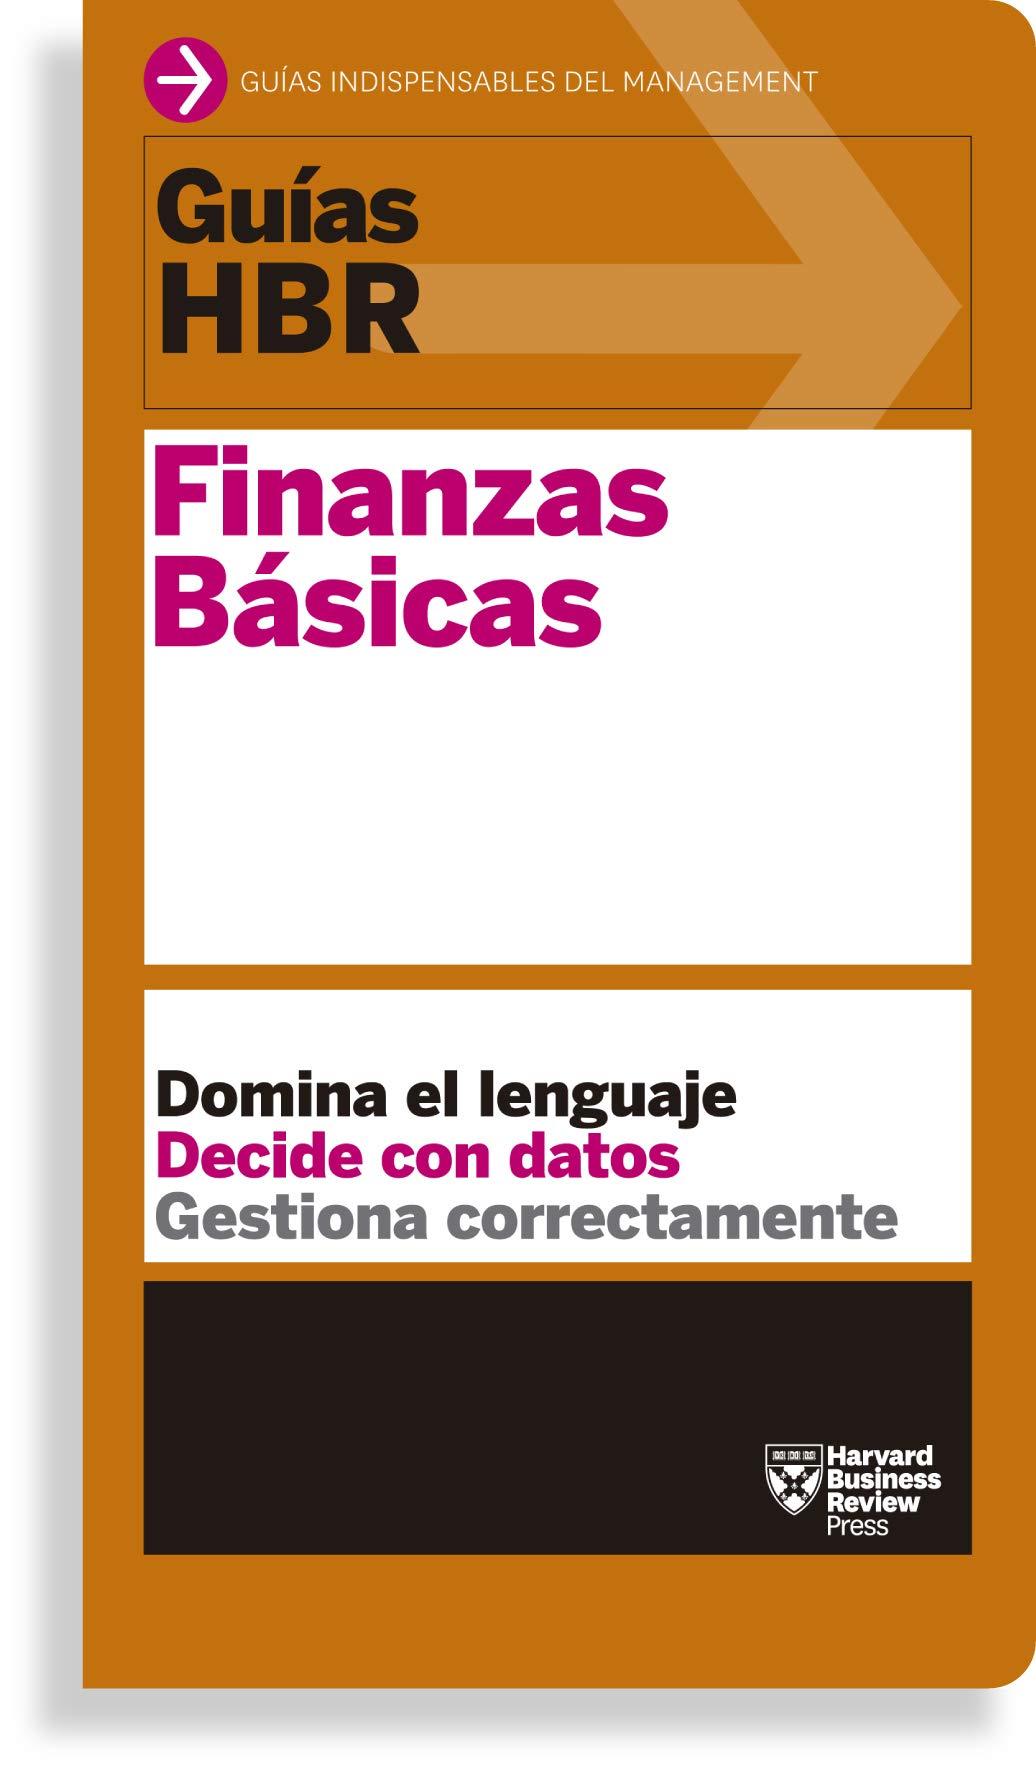 FINANZAS BASICAS. DOMINA EL LENGUAJE. DECIDE CON DATOS. GESTIONA CORRECTAMENTE